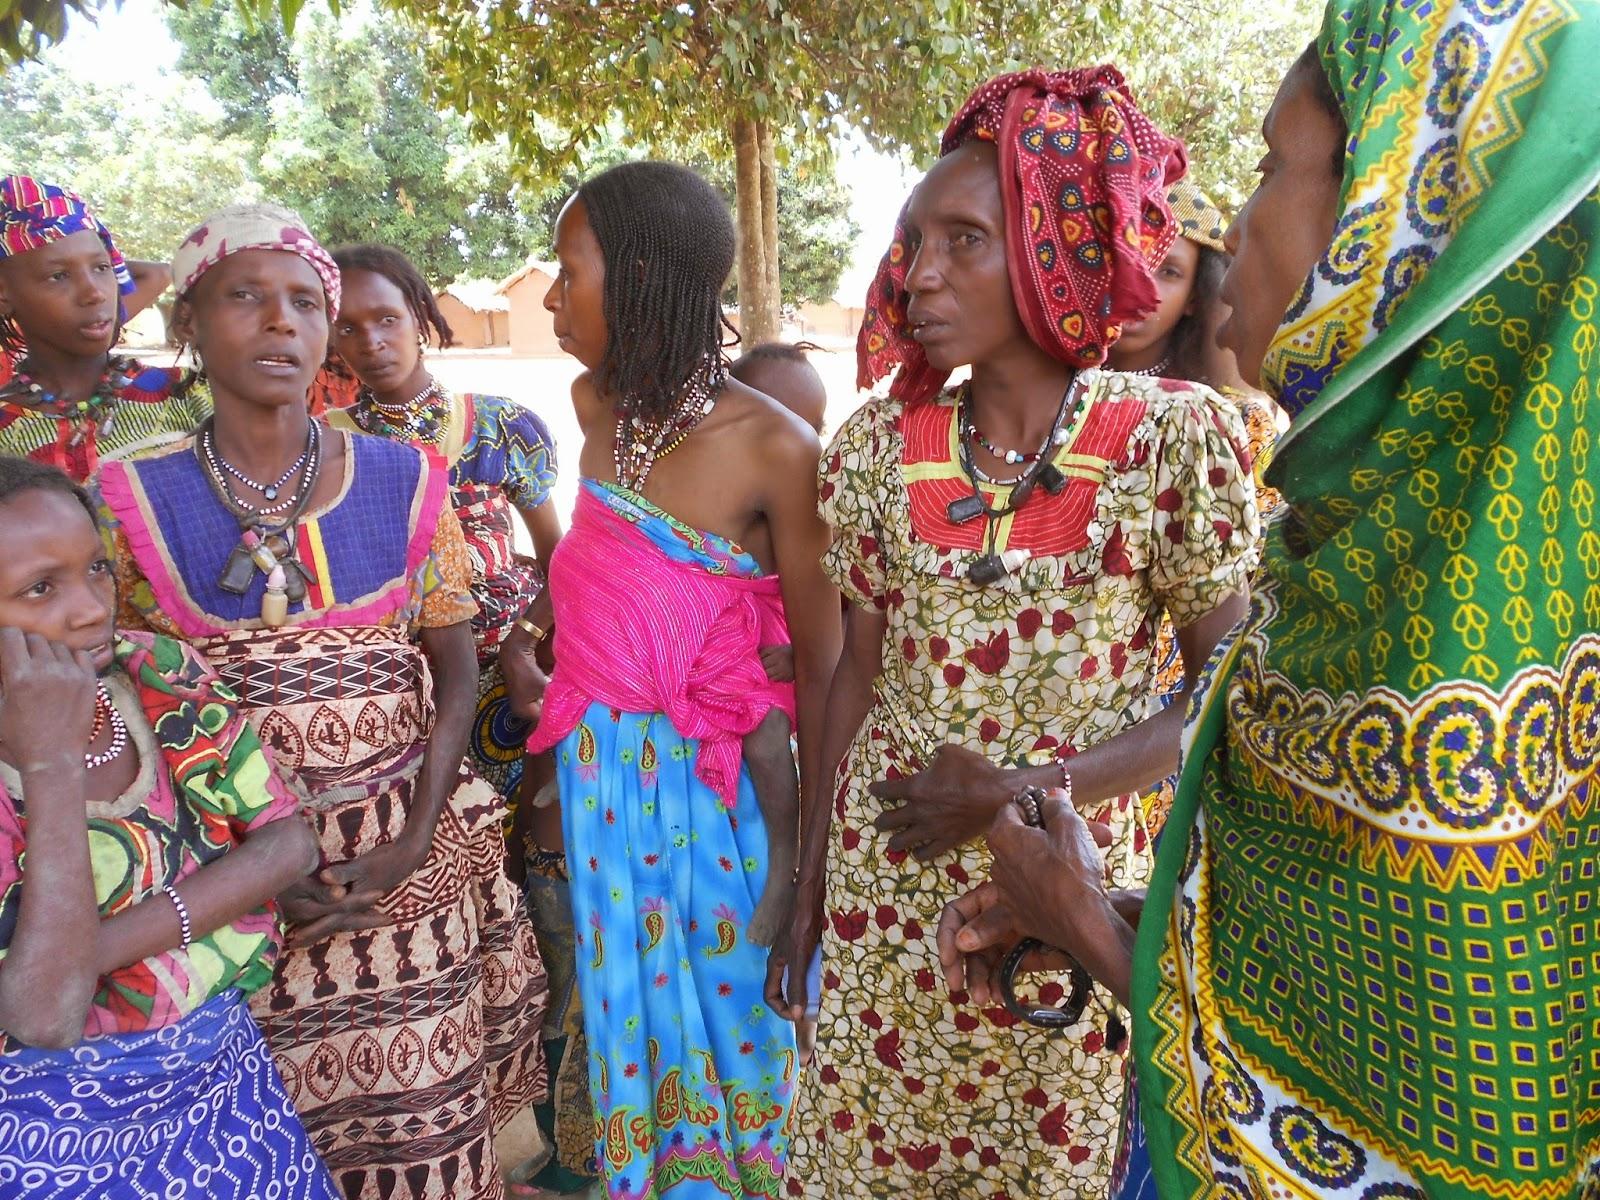 Le donne si sono riprese dopo i primi aiuti ricevuti a Bozoum